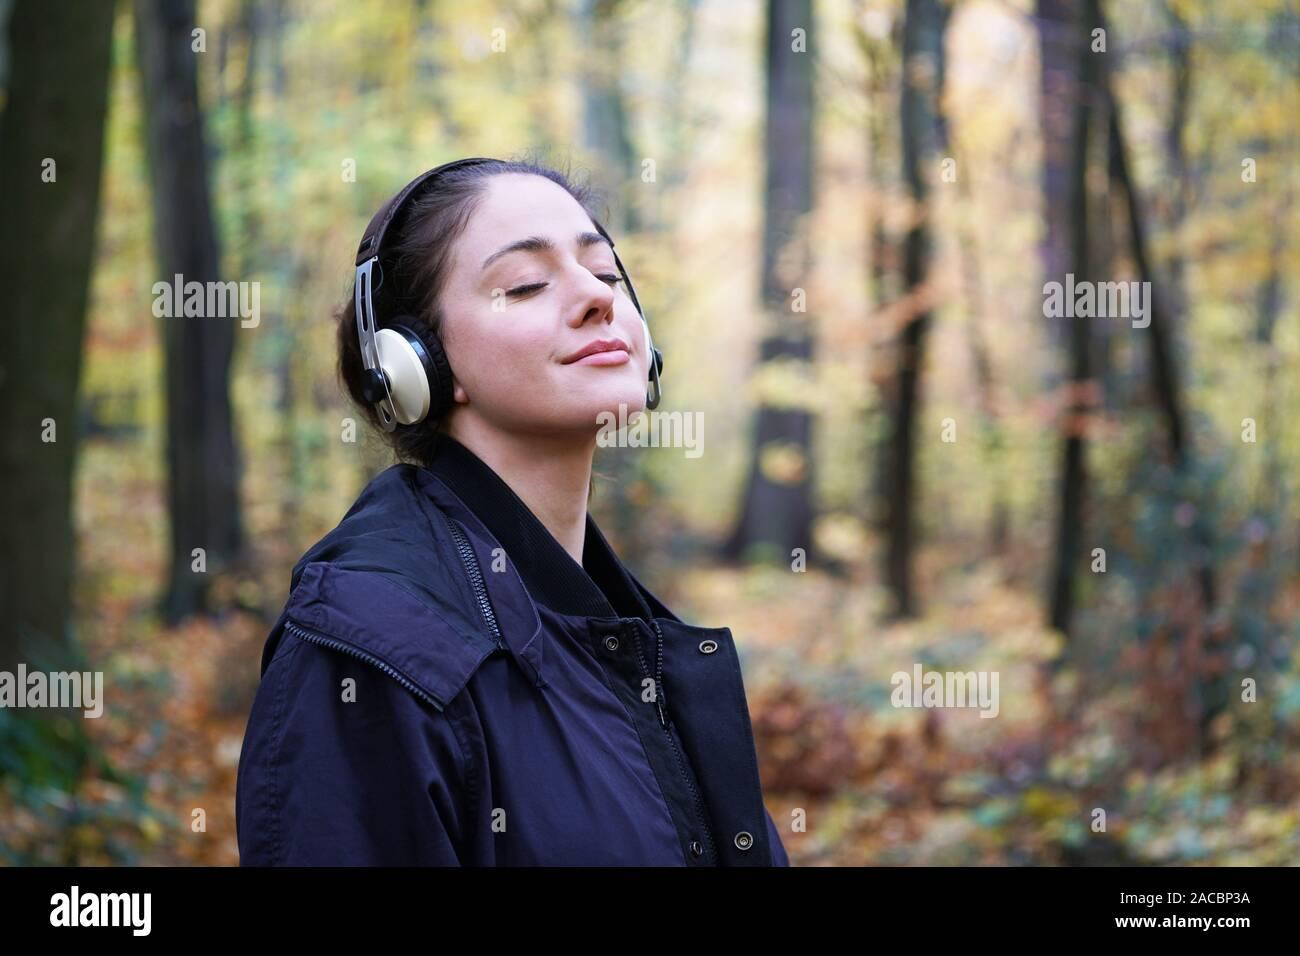 Mujer joven en su 20s al escuchar música con auriculares inalámbricos en franca forest - estilo de vida al aire libre en otoño, con espacio de copia Foto de stock